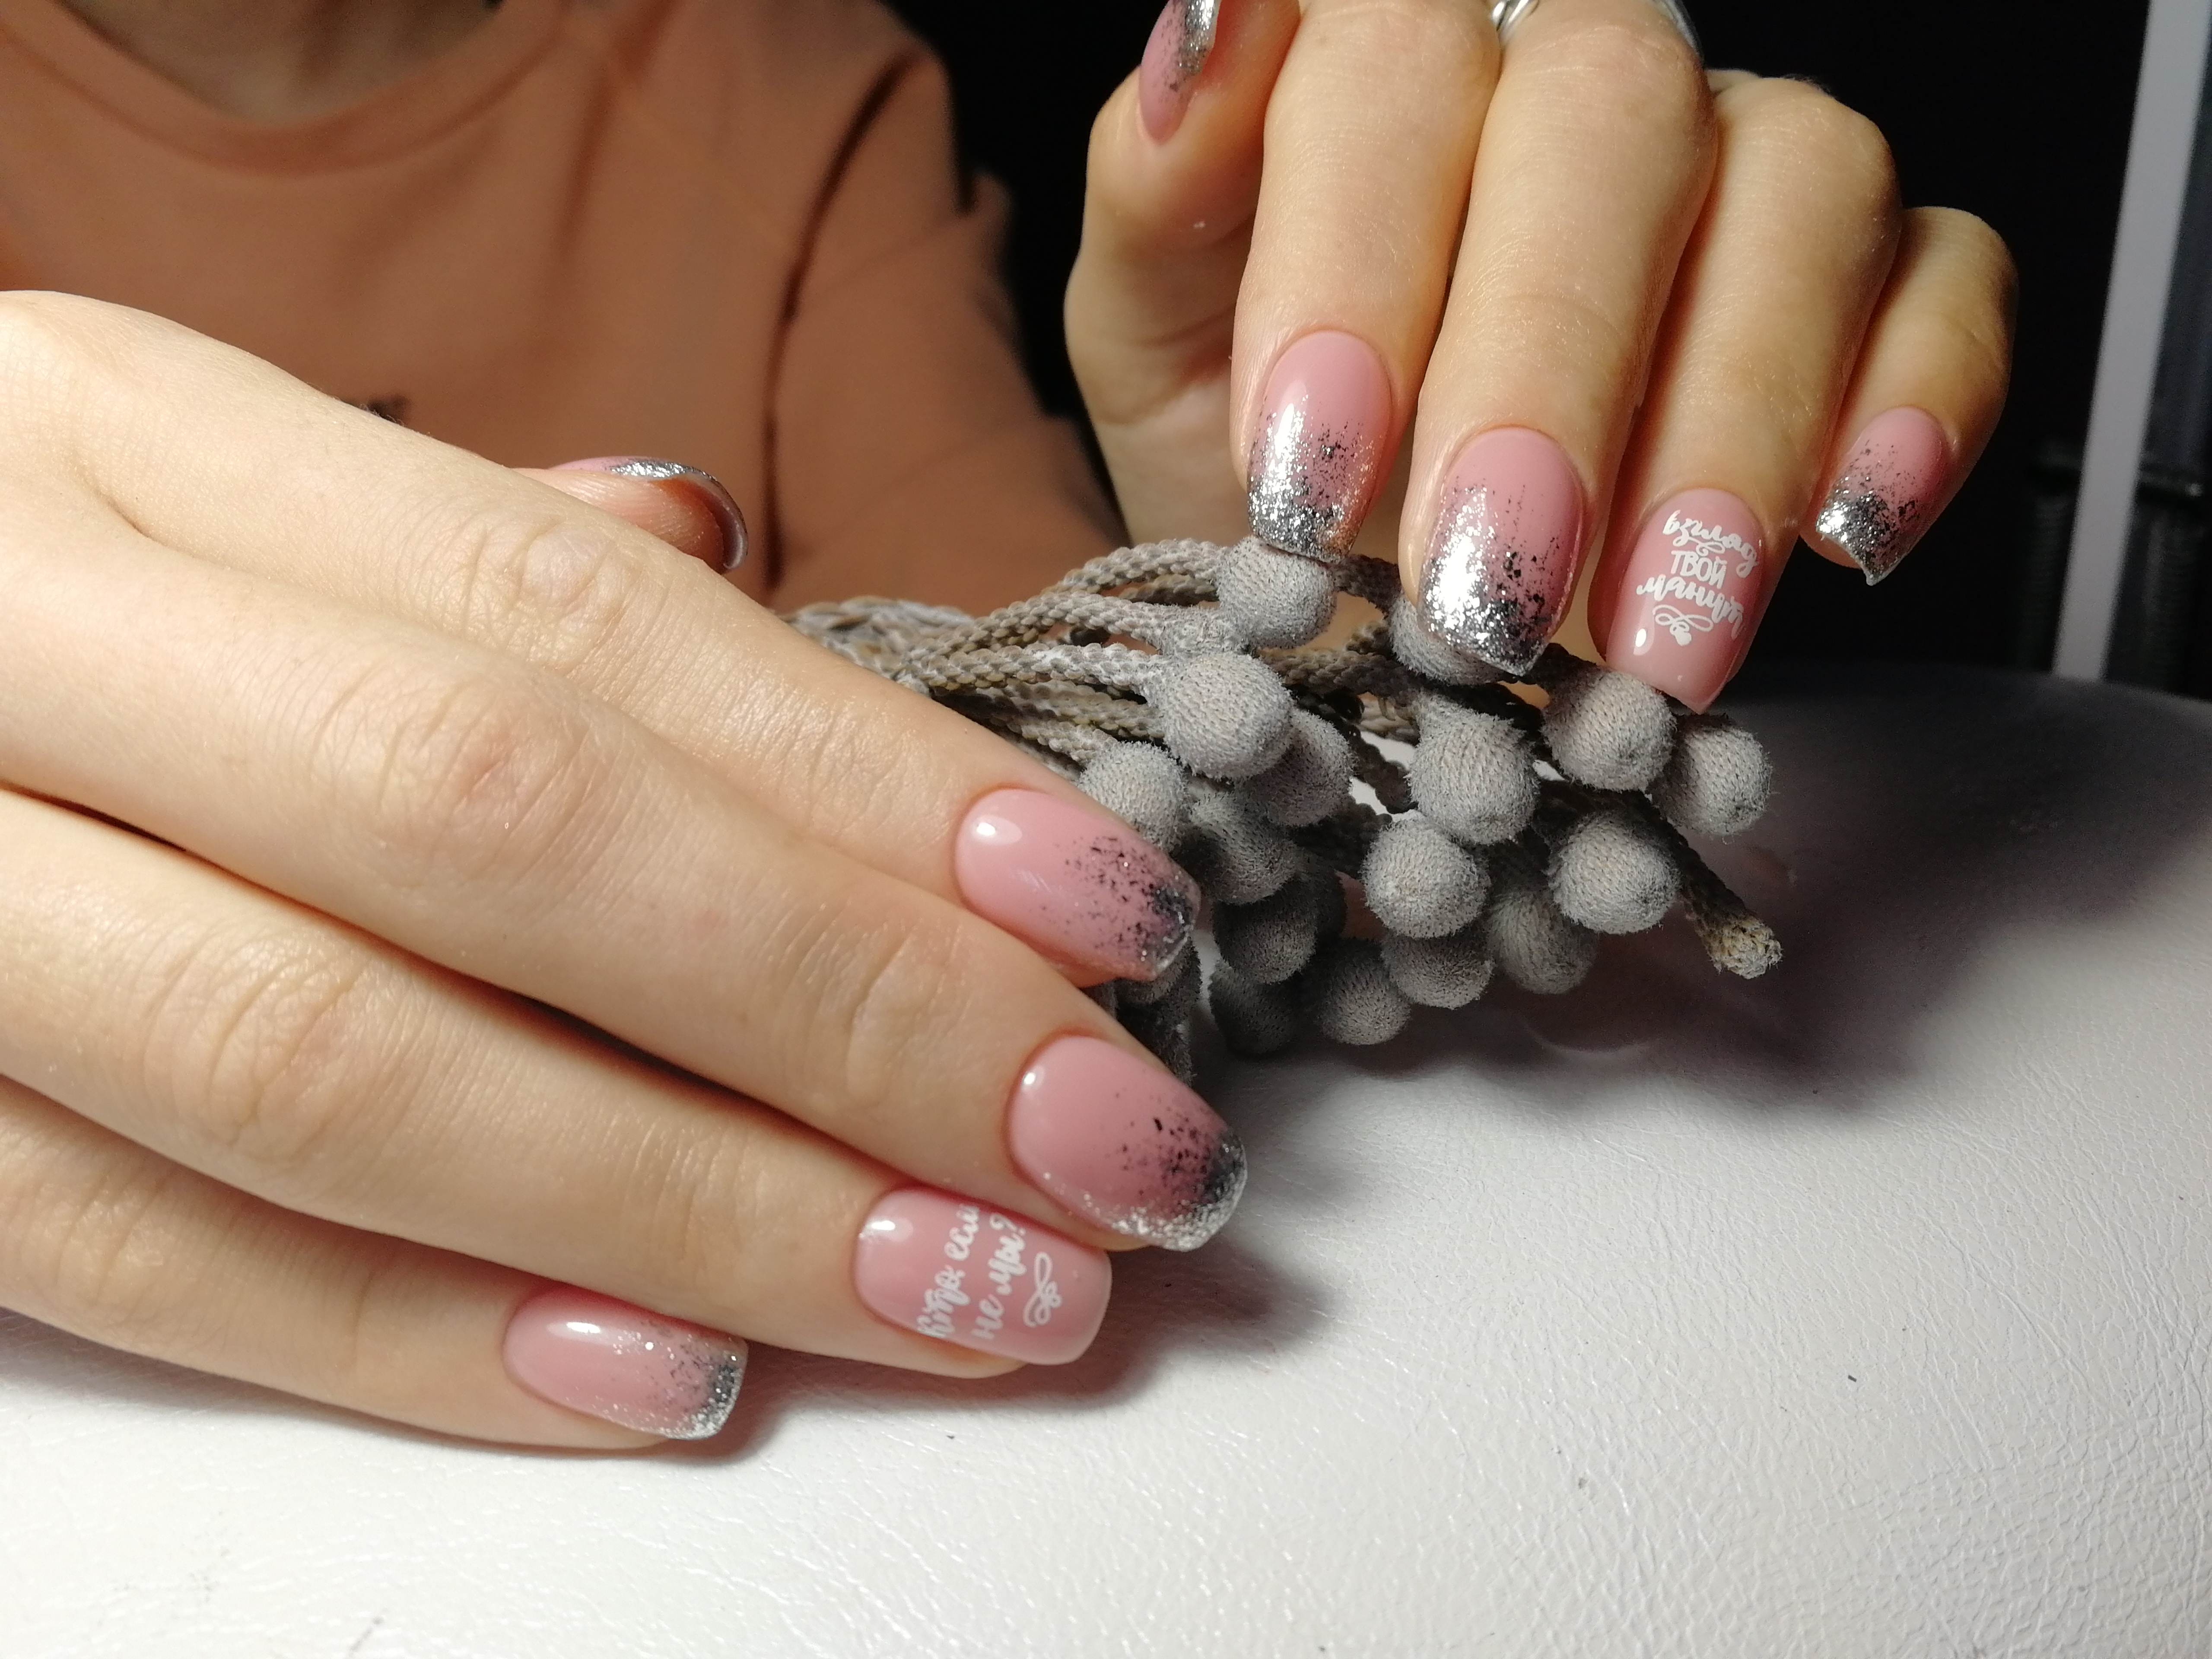 Маникюр с серебряными блестками и надписями в розовом цвете.